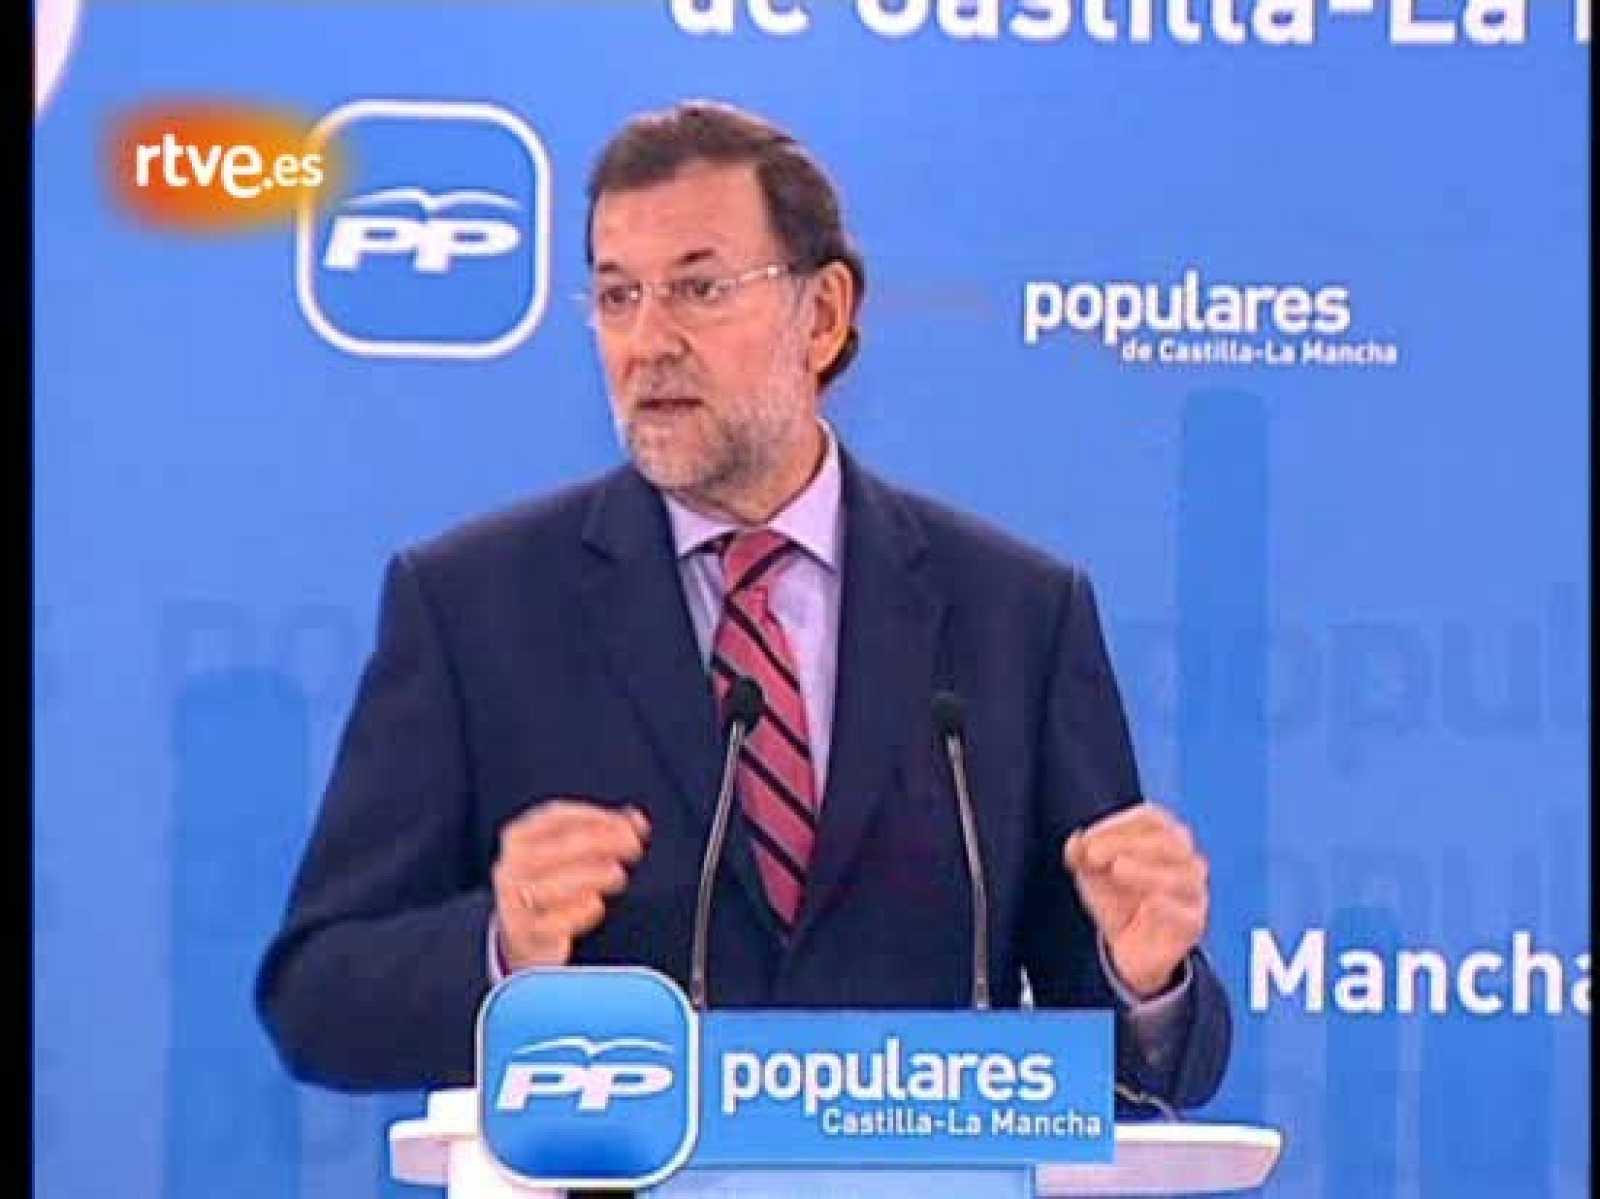 El presidente del Partido Popular, Mariano Rajoy, ha hablado durante la Junta directiva del PP celebrada en Castilla-La Mancha sobre la denominada ley Sinde, que el pasado 21 de diciembre fue rechazada en el Congreso al quedarse el PSOE sin apoyos